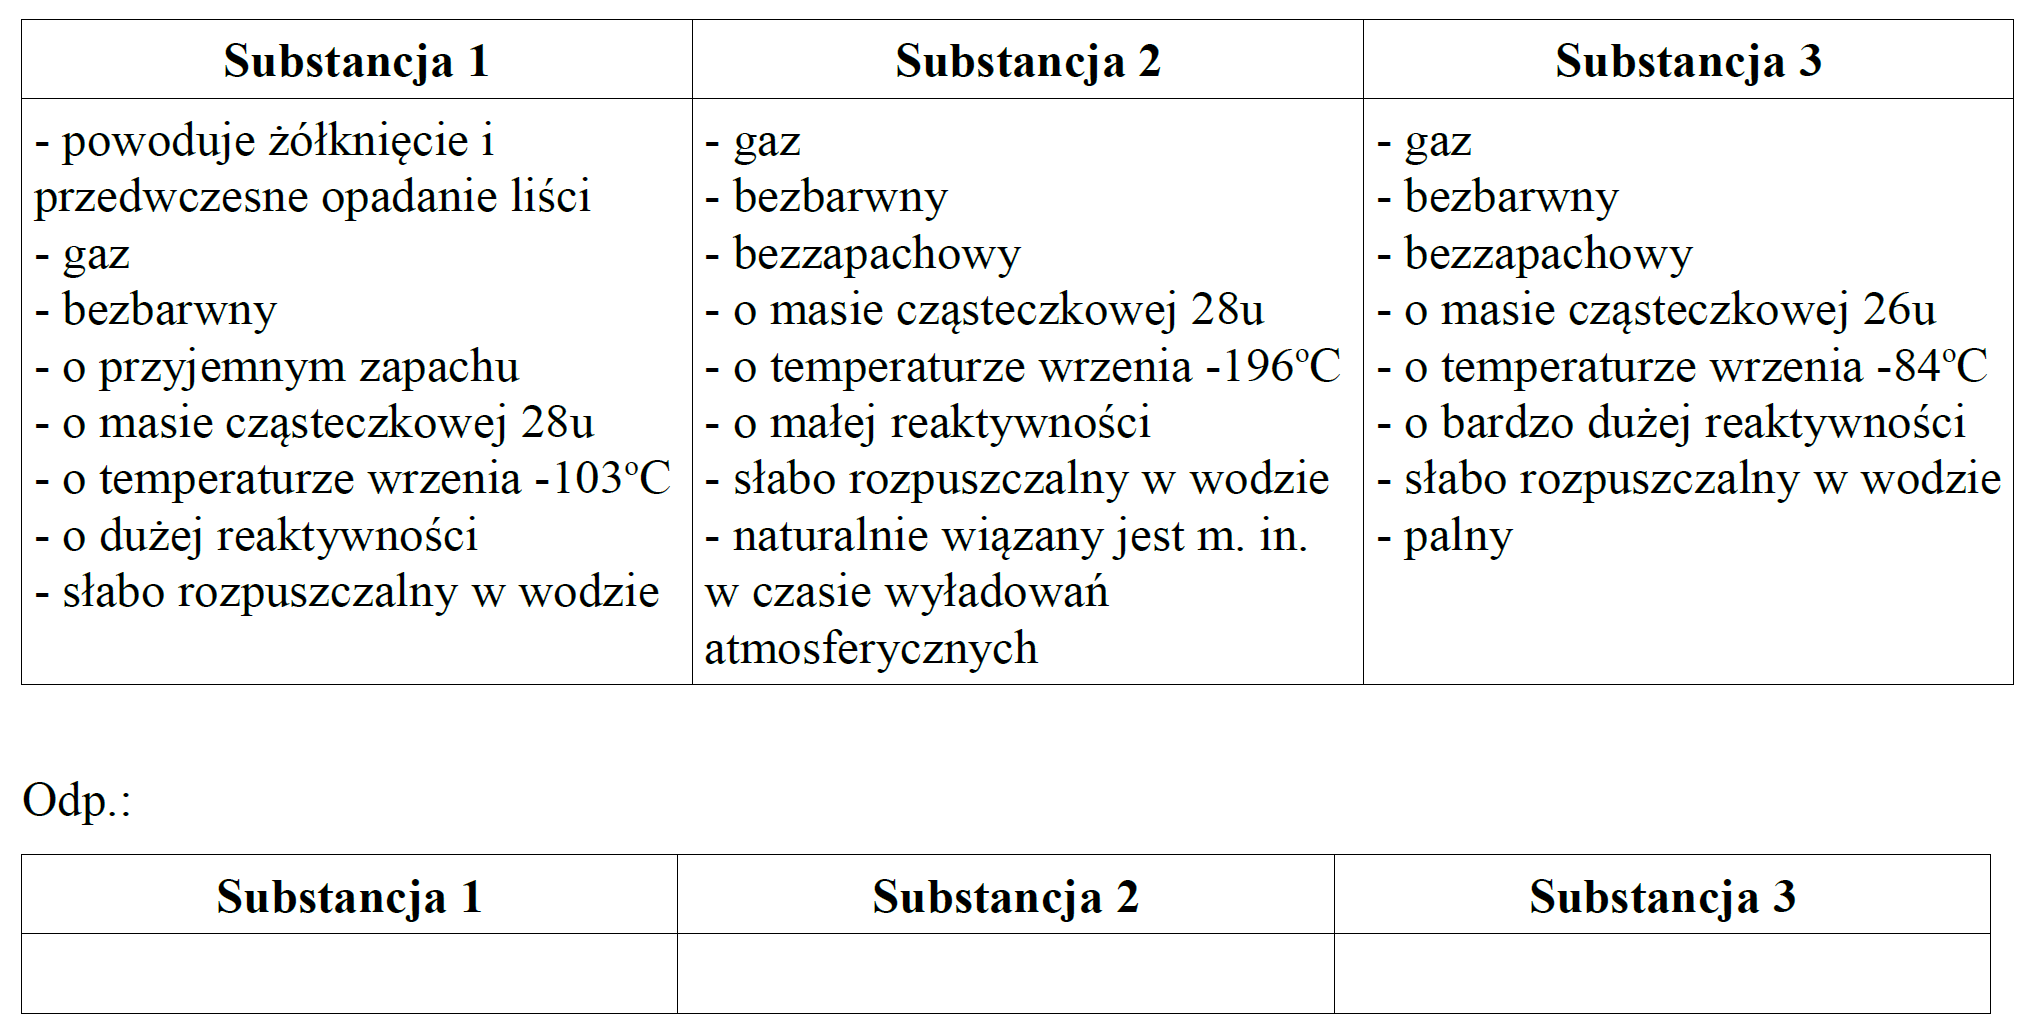 Przeanalizuj je i dopasuj odpowiednią substancję (azot, eten, etyn) do grupy właściwości, wpisując nazwy tych substancji do drugiej tabeli.